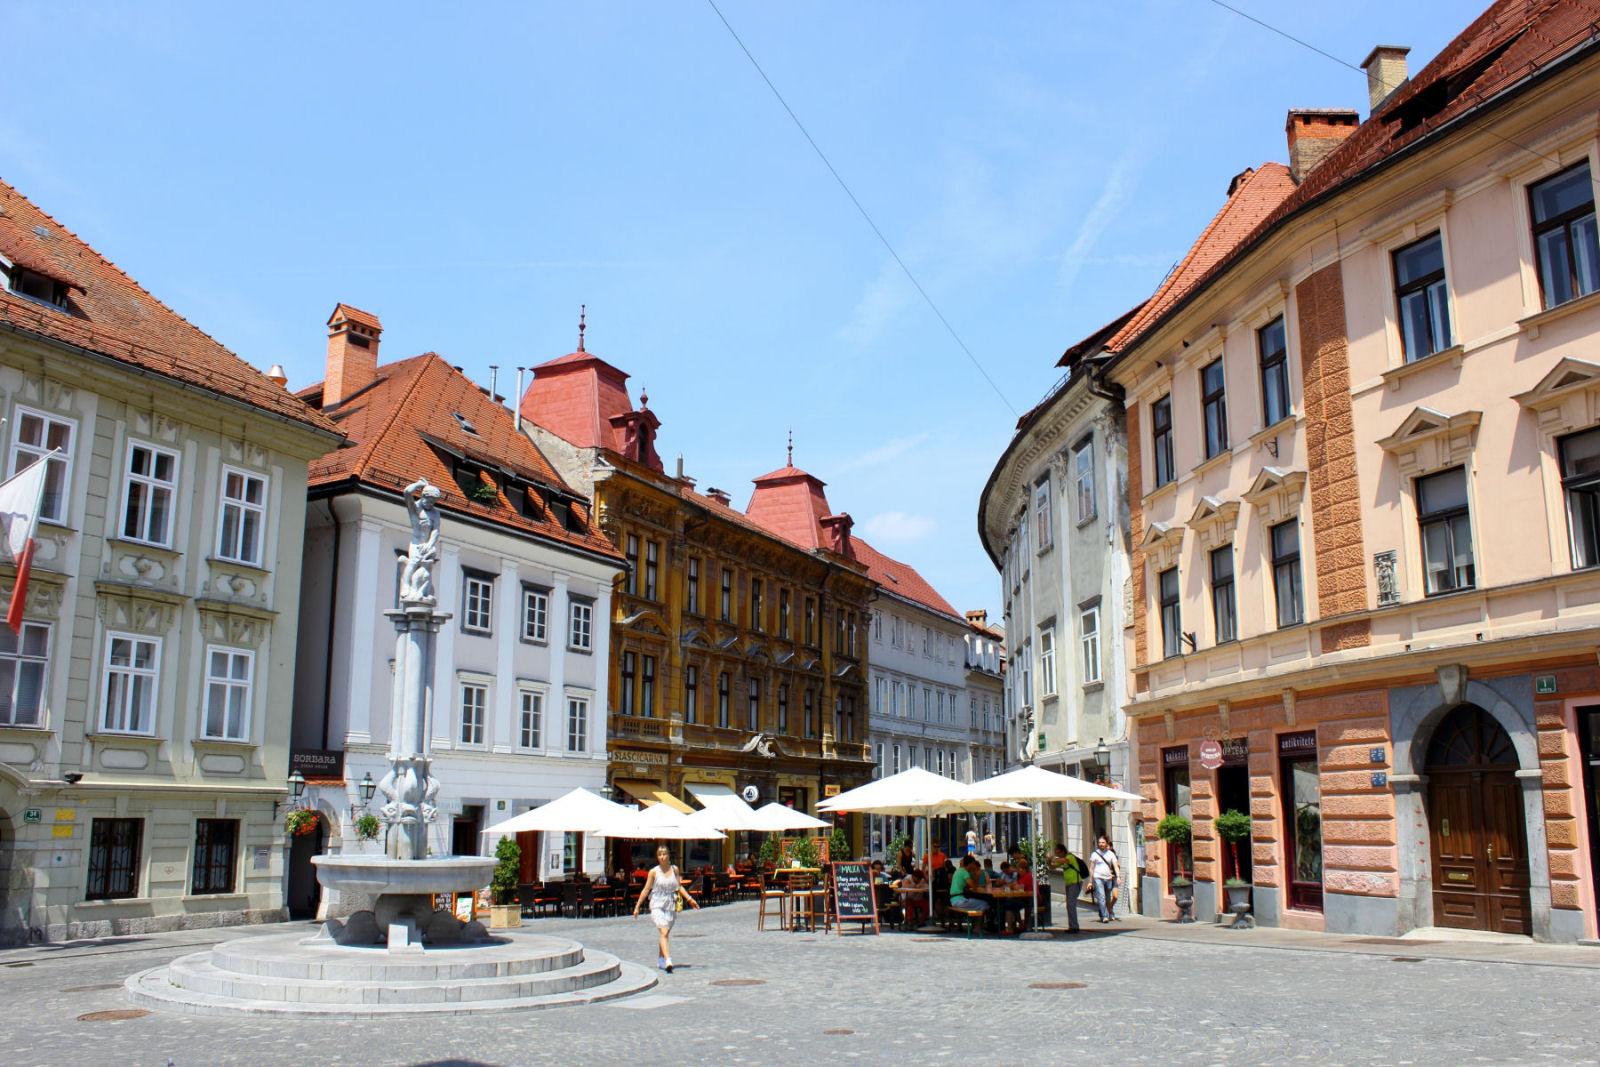 ljubljana-old-town-slovenia-01